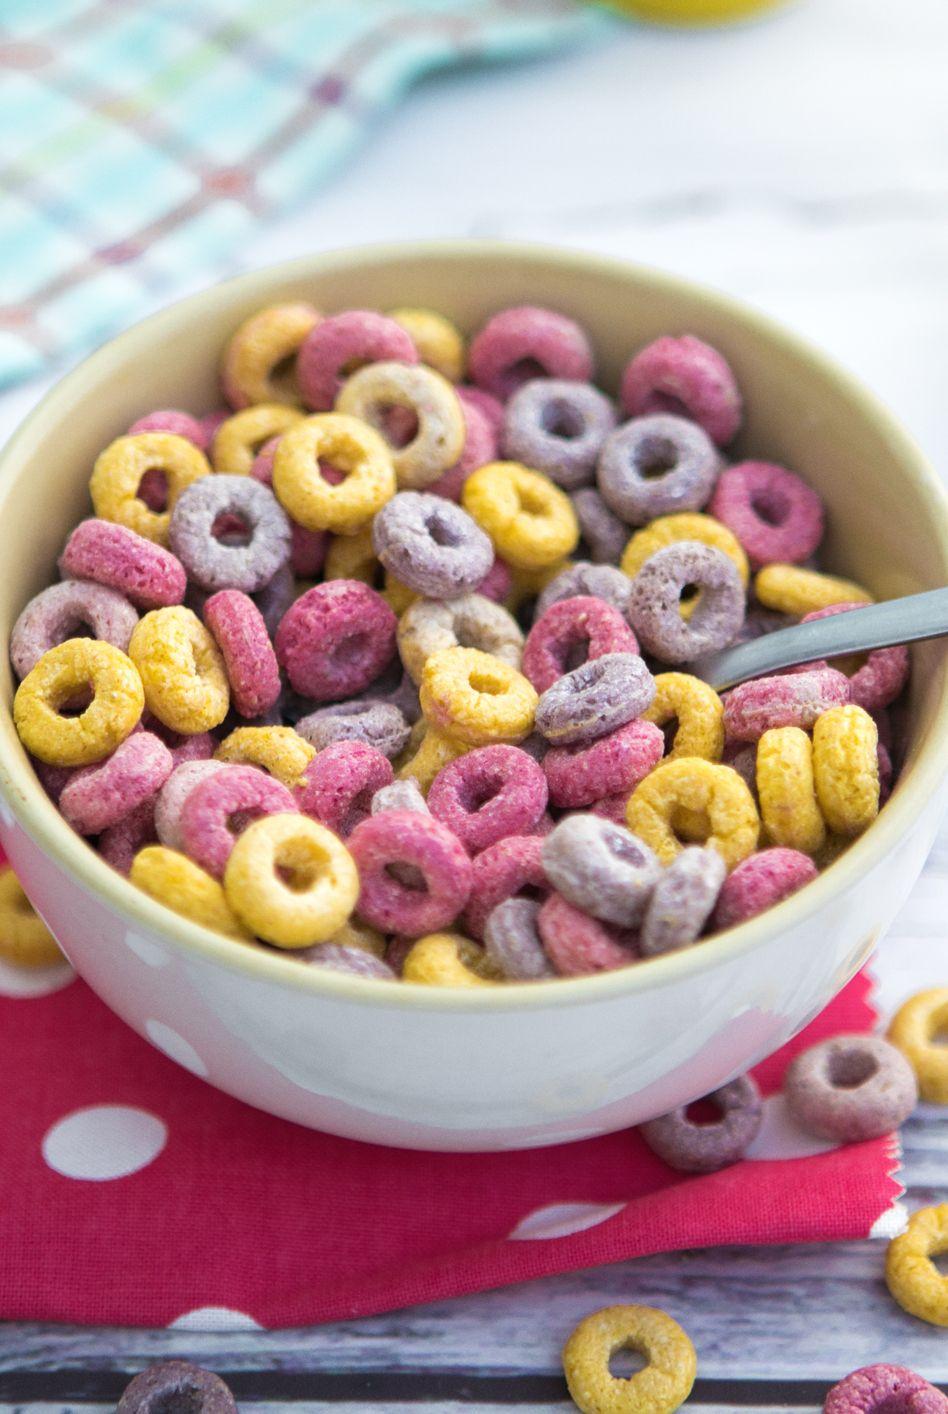 cereal - april fool's day pranks